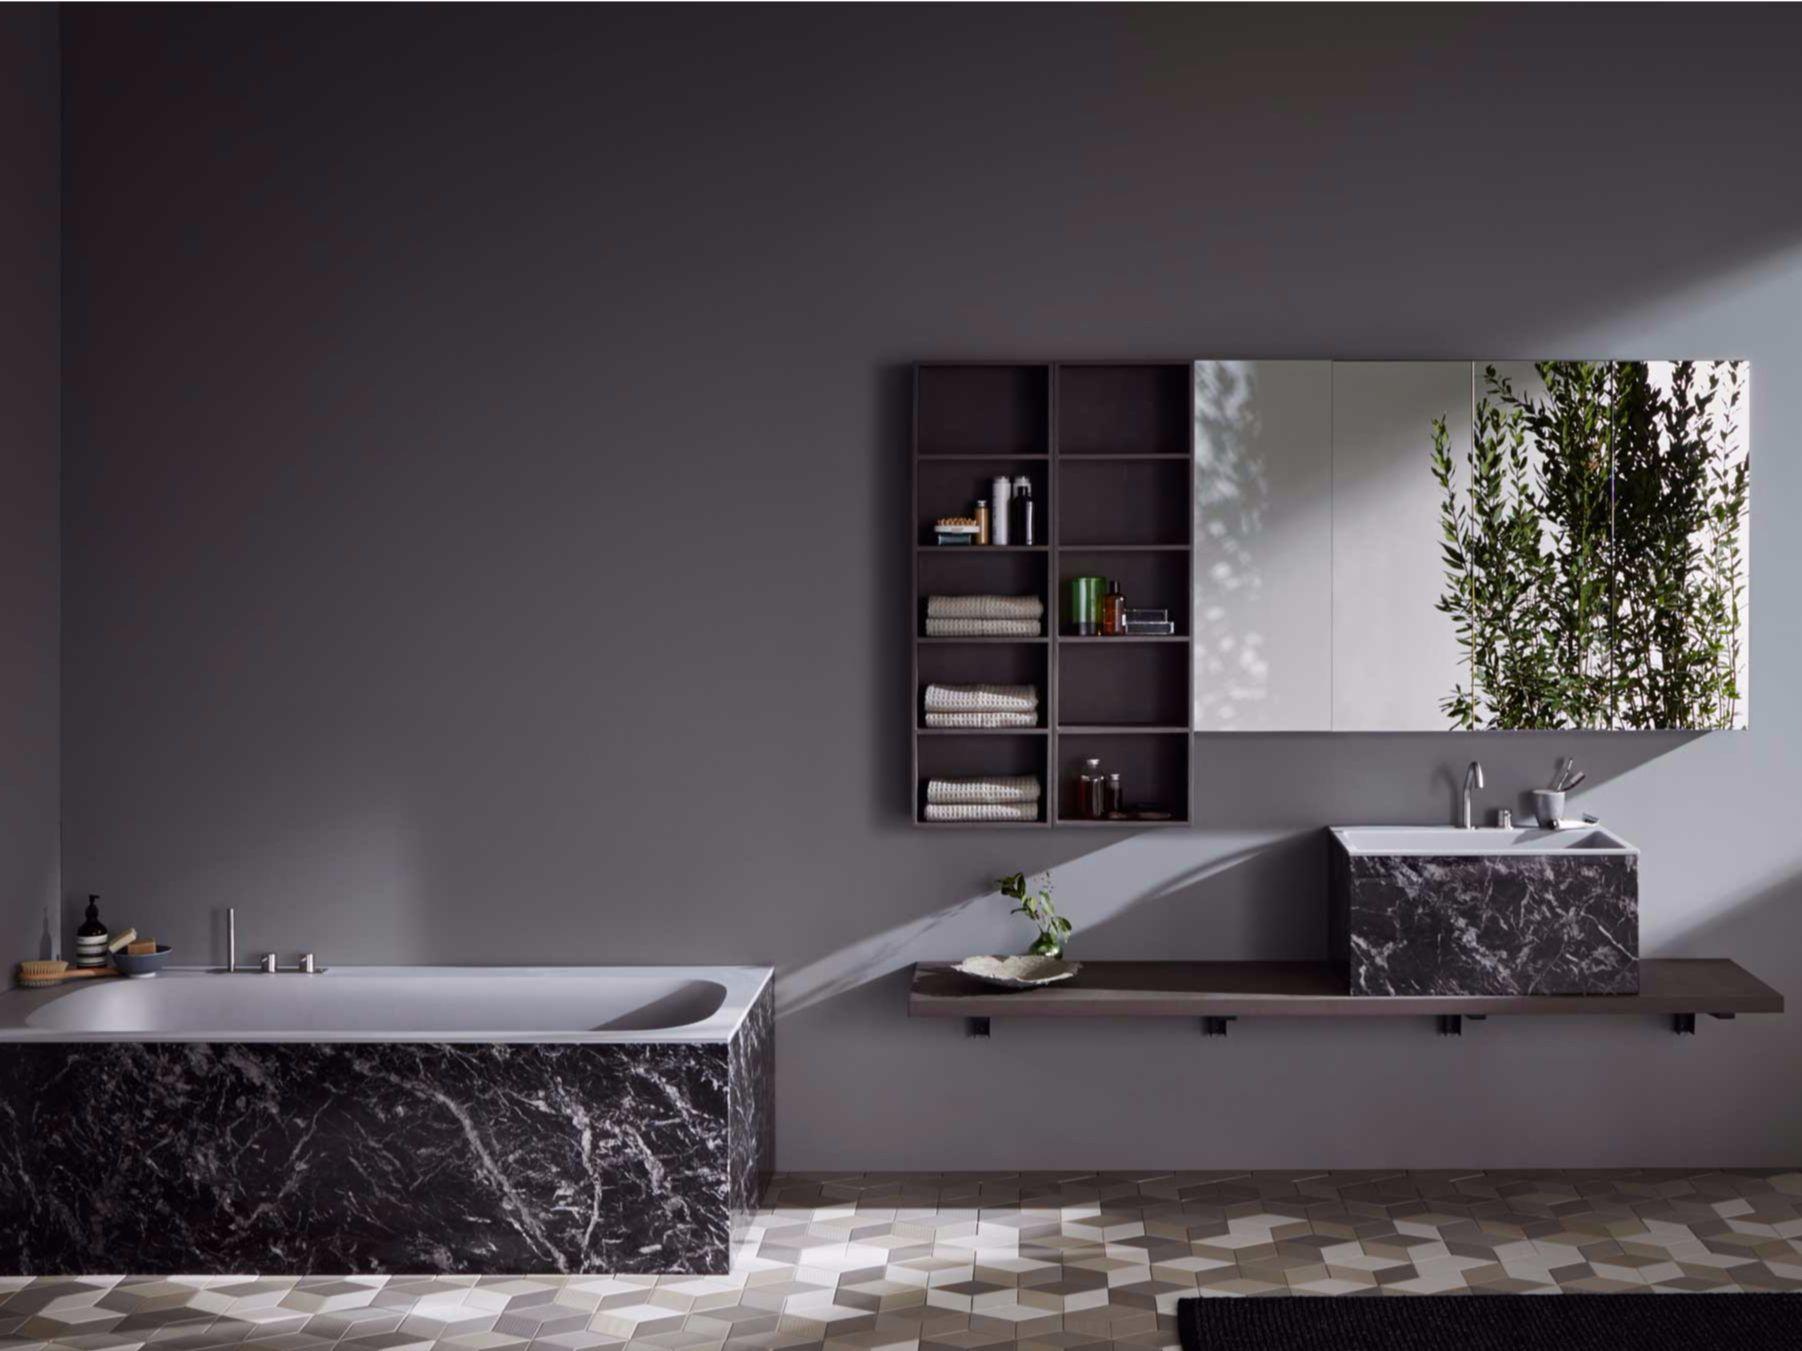 Vasca da bagno collezione r1 by rexa design design monica - Vasca bagno design ...